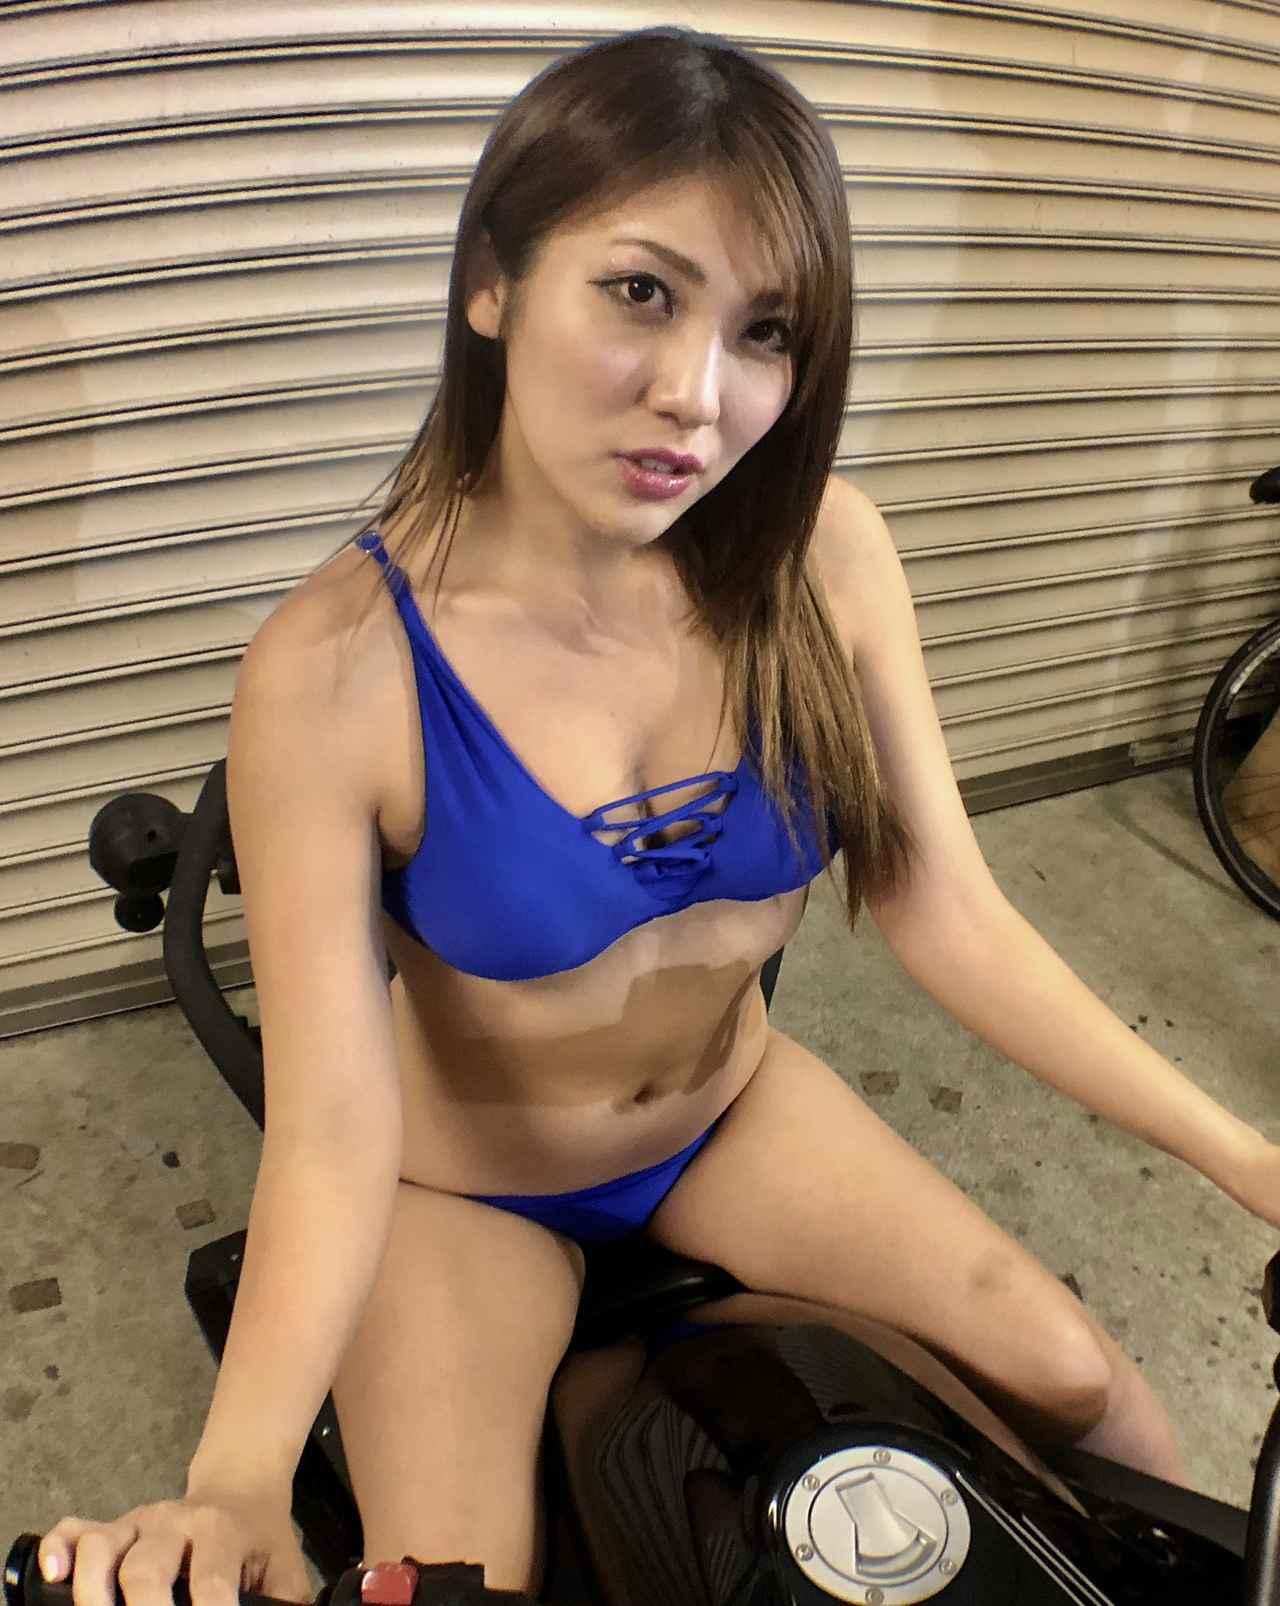 画像1: 【Beauty & Bike】麻美とカンナム・スパイダー Vol.01